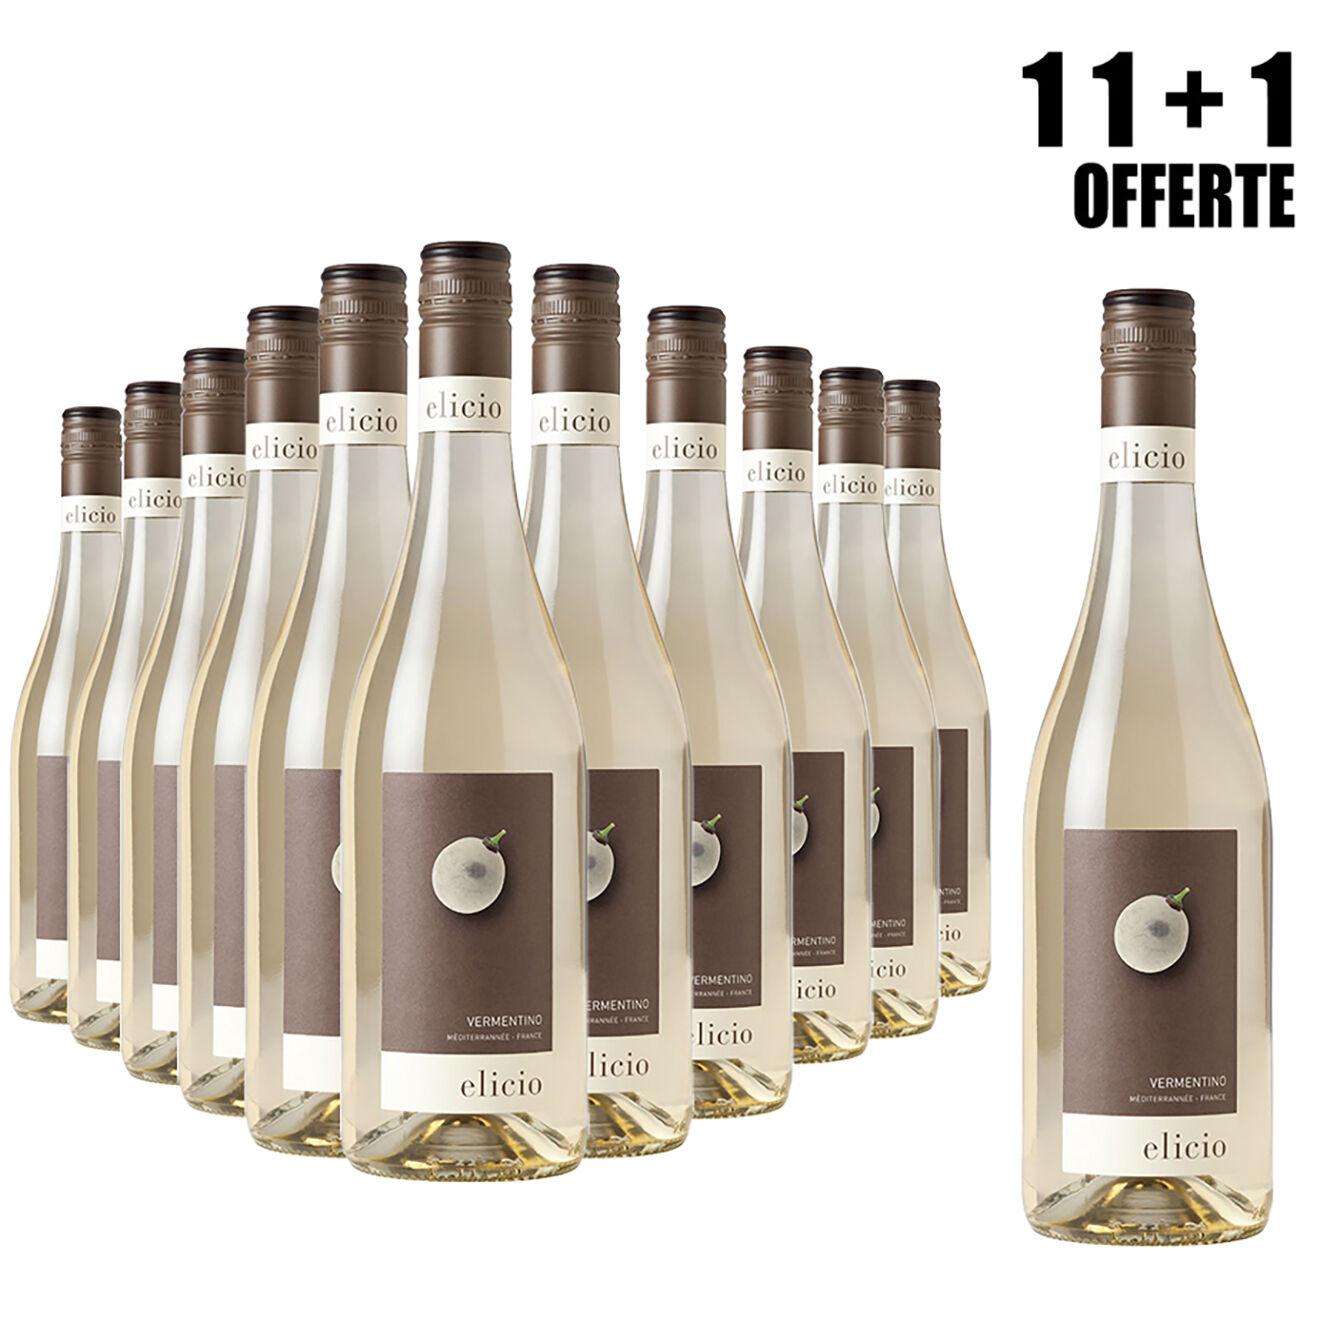 Lot de 11 IGP Méditerranée Blanc Elicio 2018 Cascavel 75cl + 1 Offerte